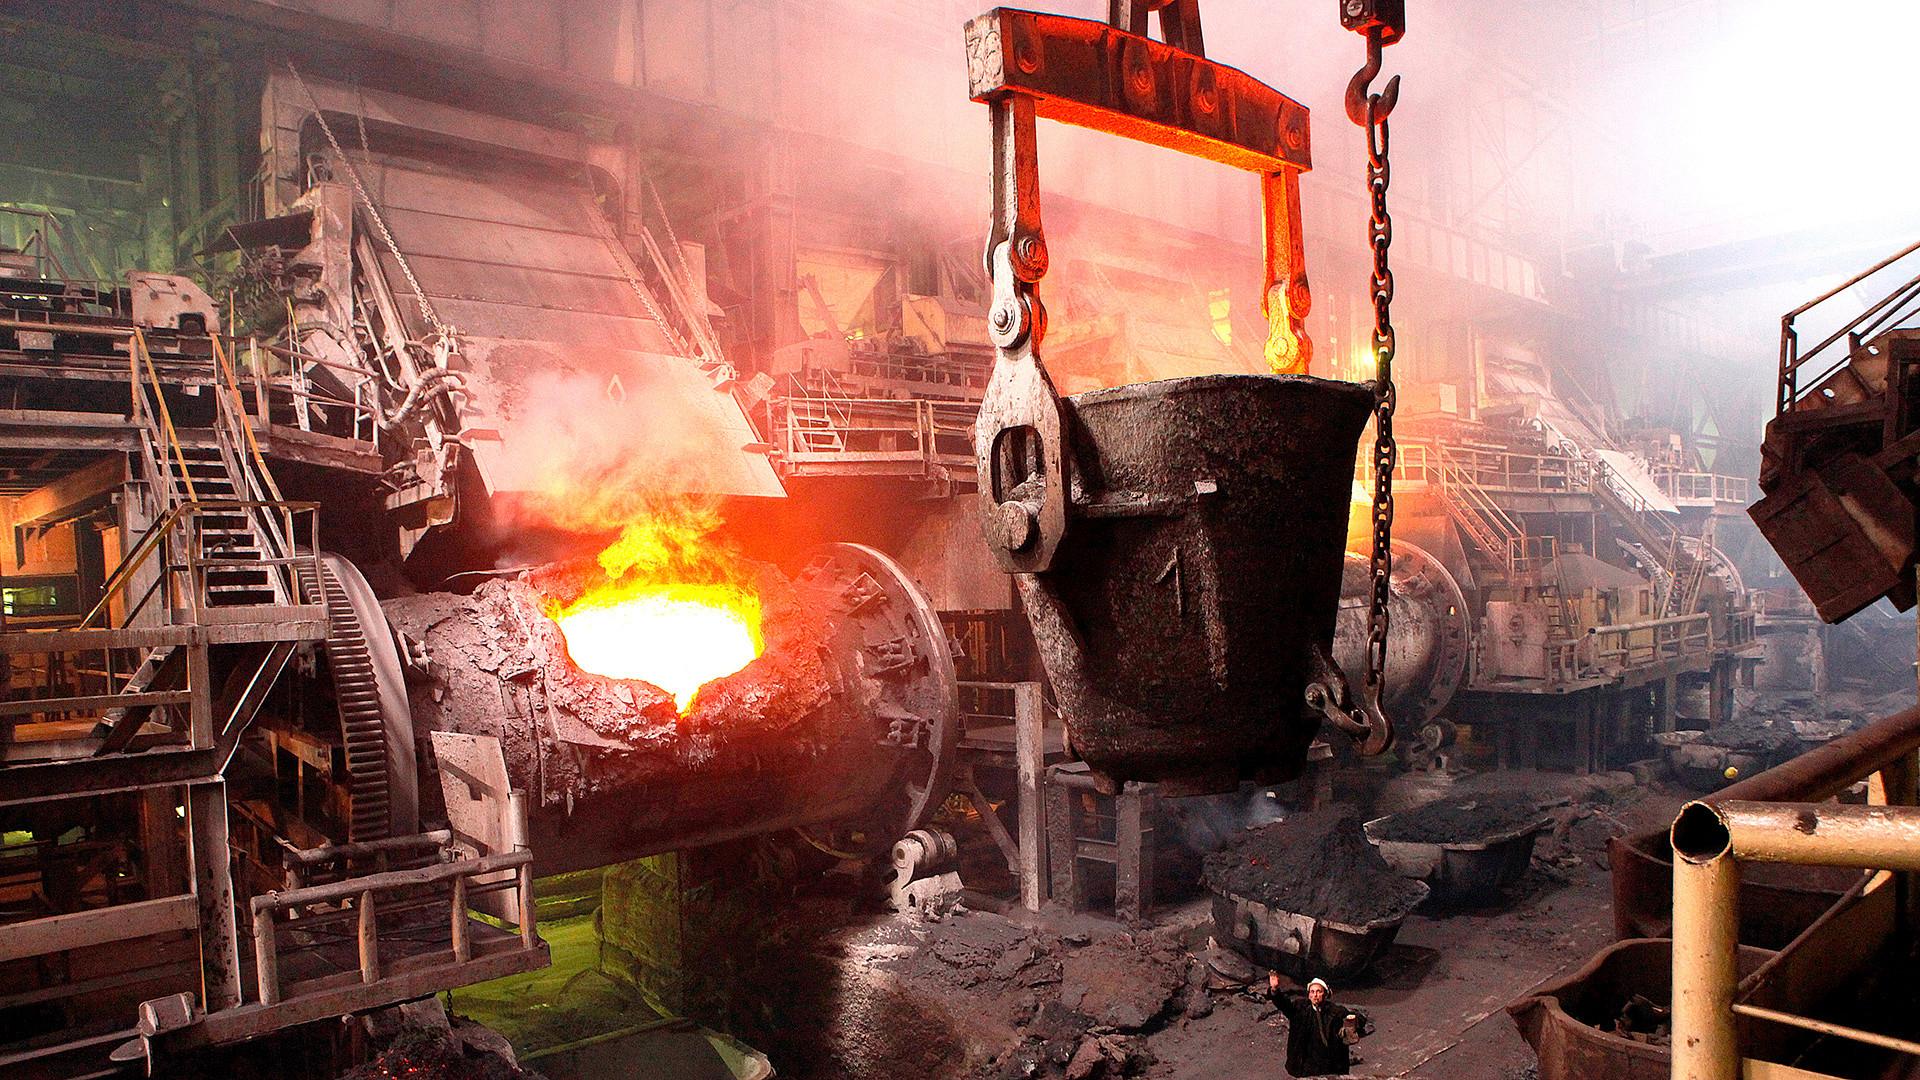 粗鋼、鉄、銅を生産するいくつかの工場で働いていた労働者が、ニジニ・タギルの人口の基をなした。